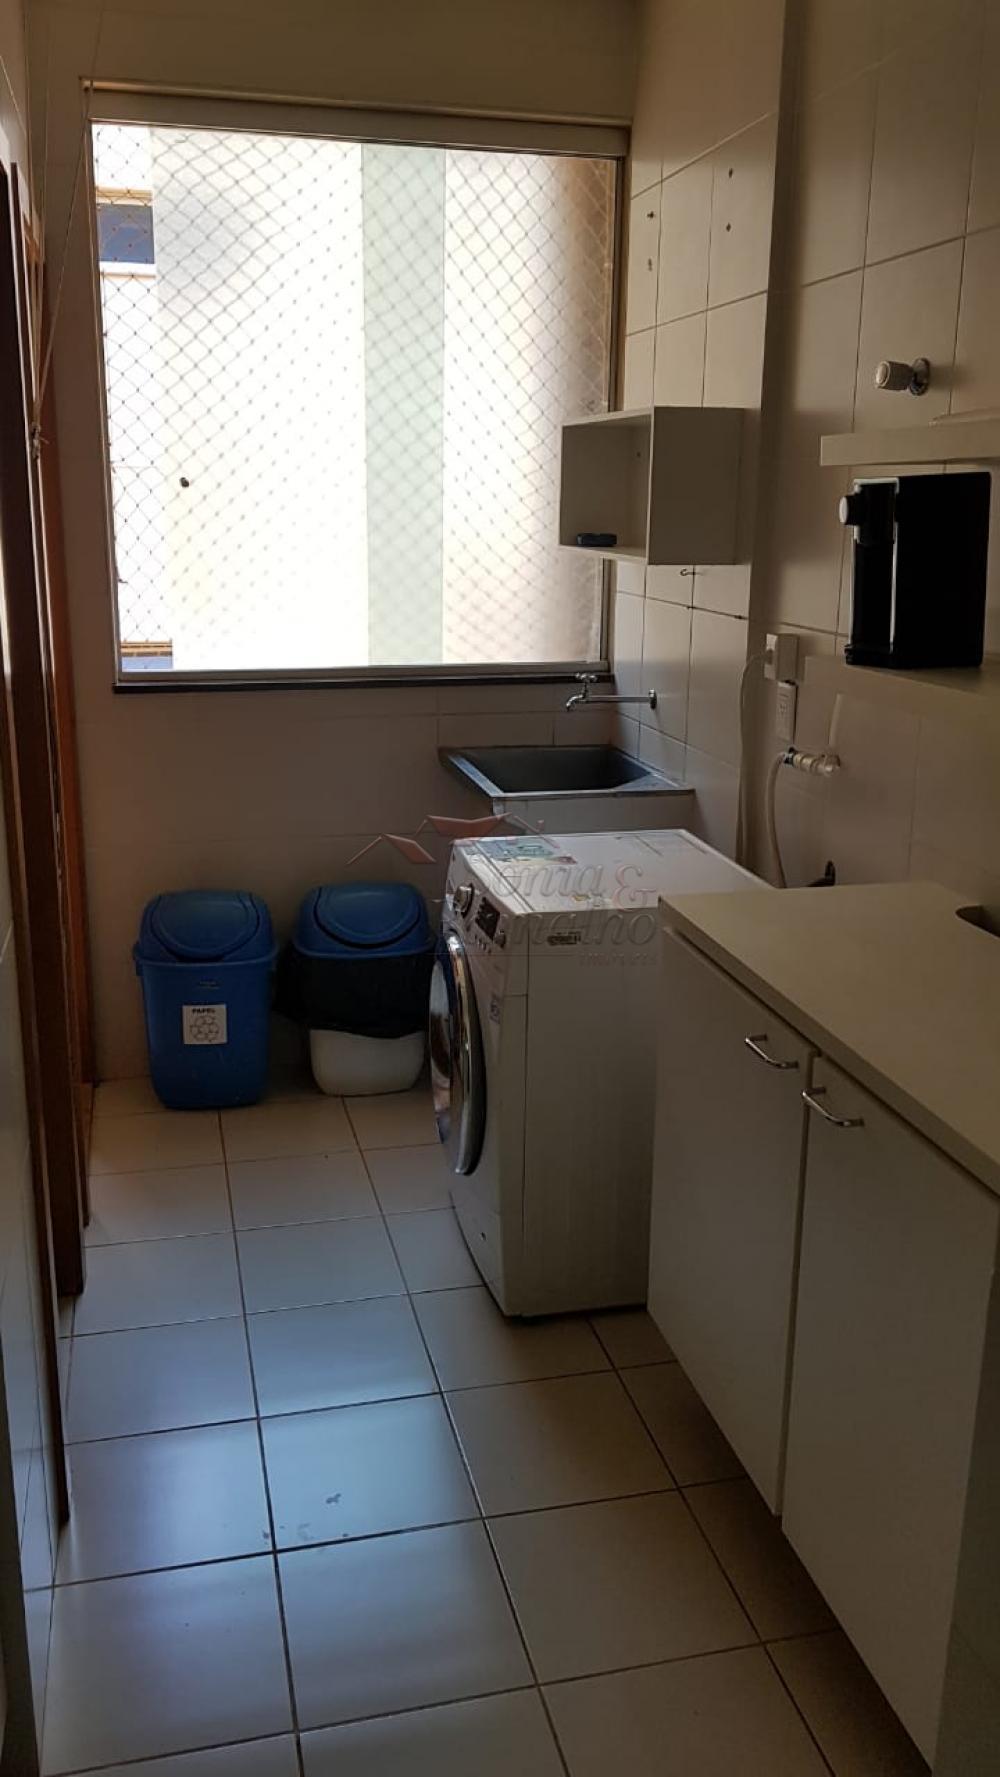 Comprar Apartamentos / Padrão em Ribeirão Preto apenas R$ 795.000,00 - Foto 20